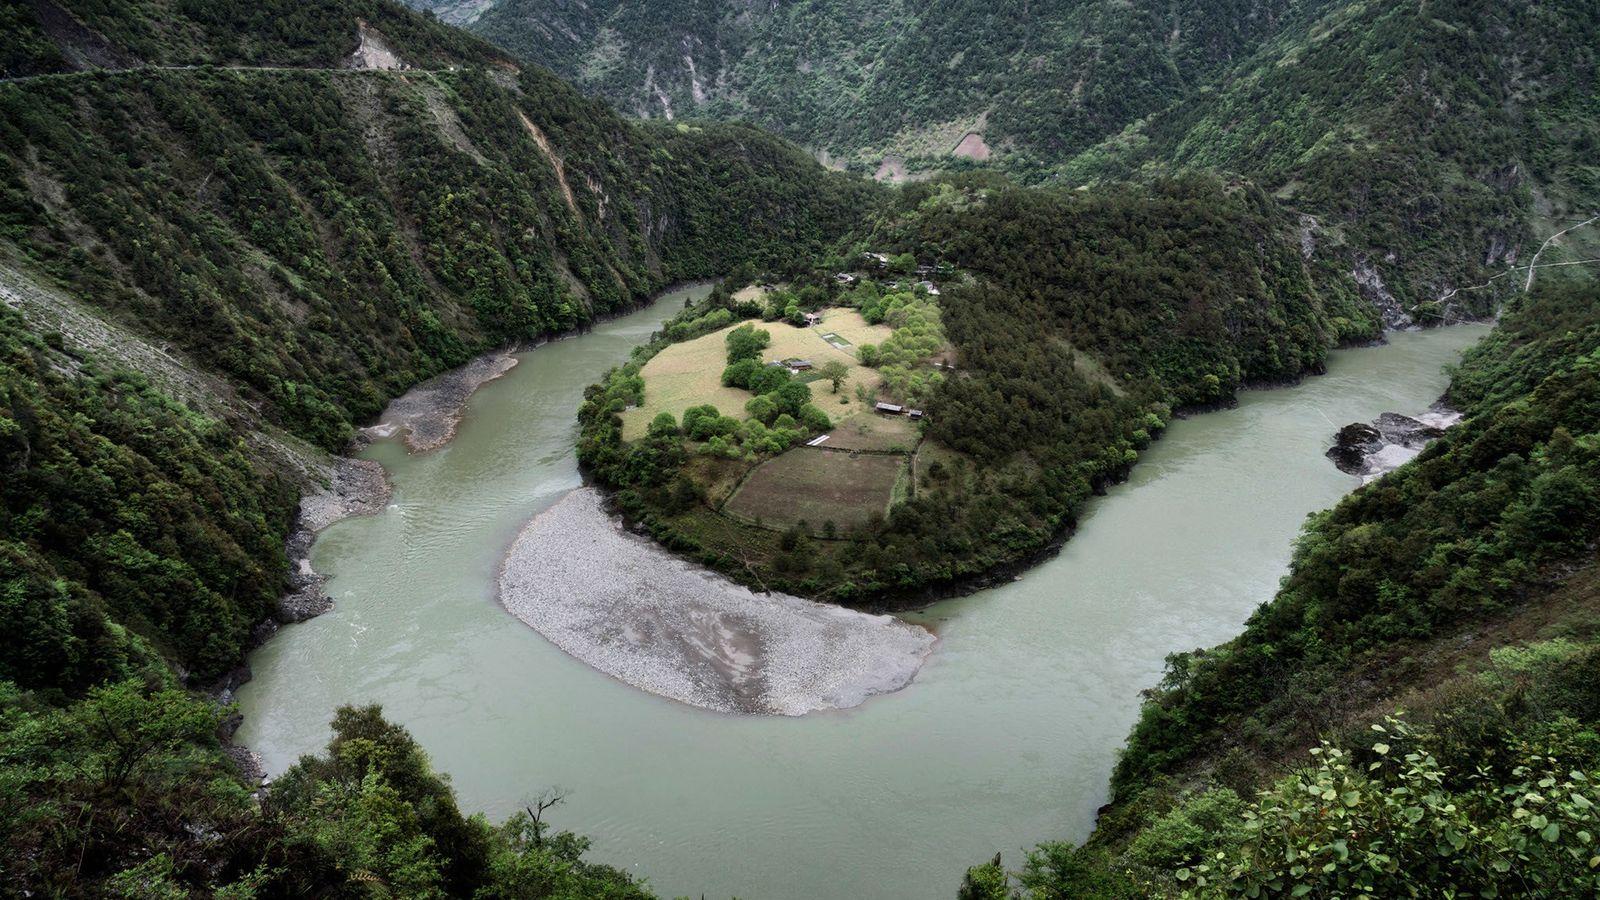 Imagem do Rio Nu, Yunnan, China